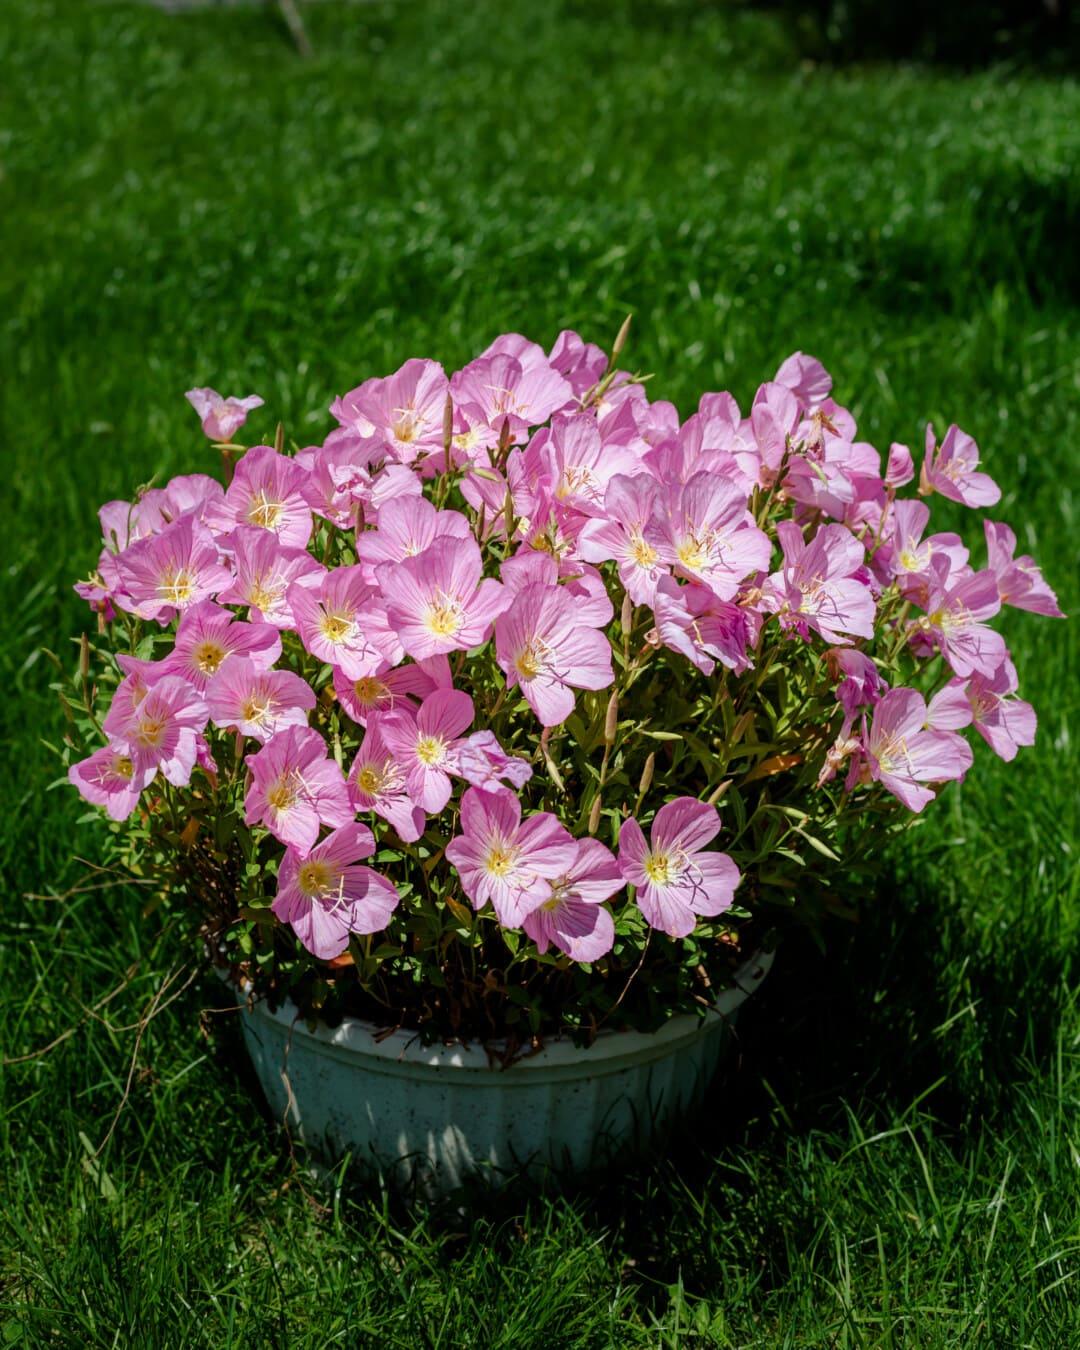 jardin fleuri, horticulture, pot de fleurs, belles fleurs, pétales, rosâtre, pelouse, herbe, jardin, rose